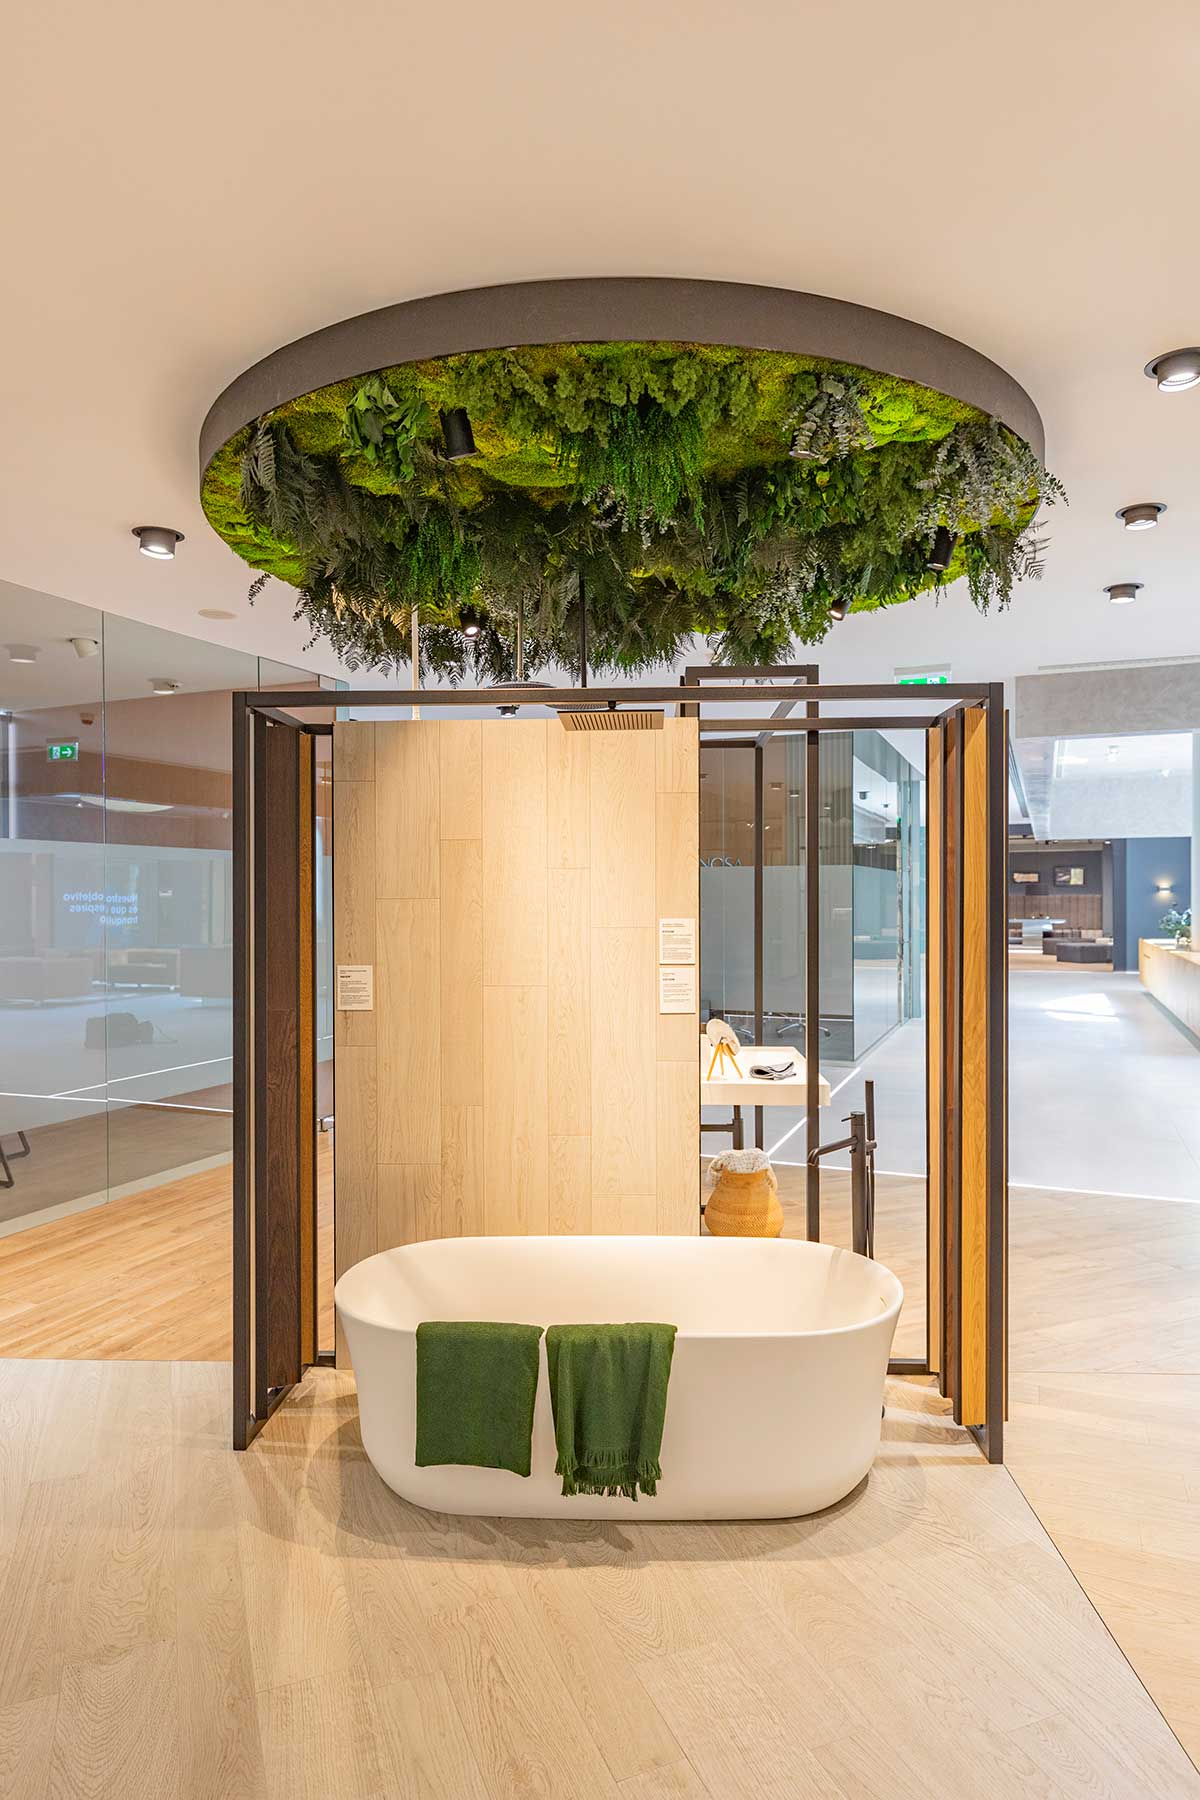 decoraciñon vegetal en el baño con plantas preservadas sin mantenimiento